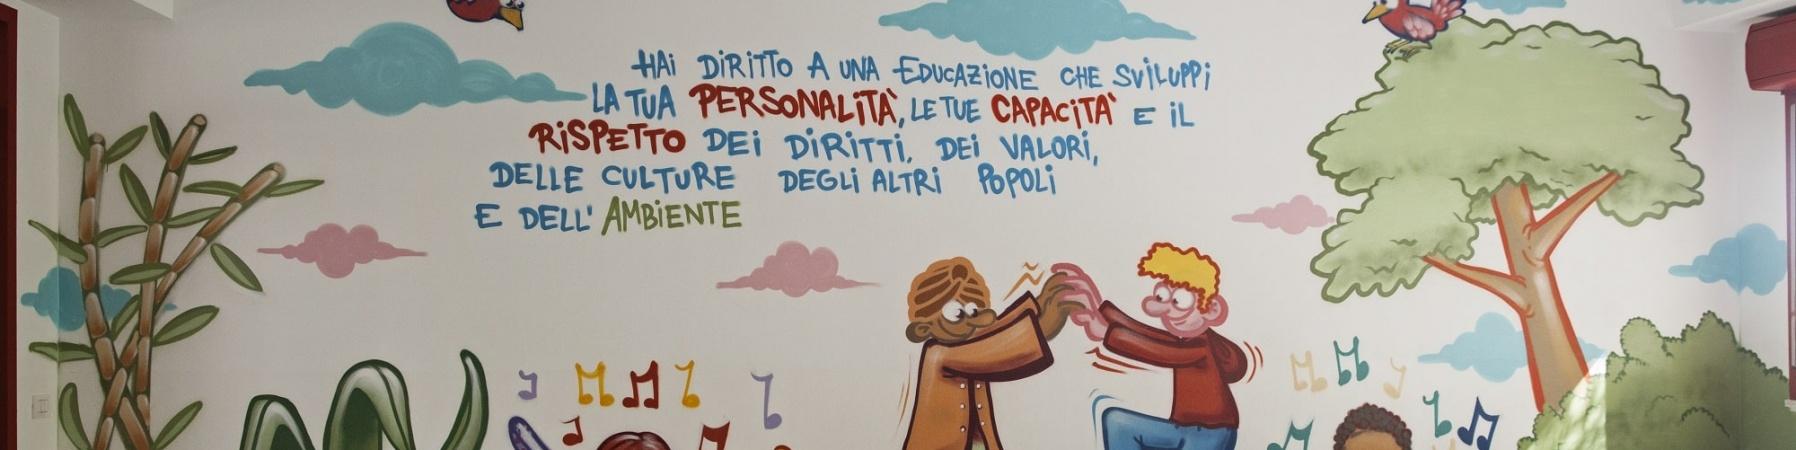 aula di una scuola molto colorata con disegni e scritte sui muri